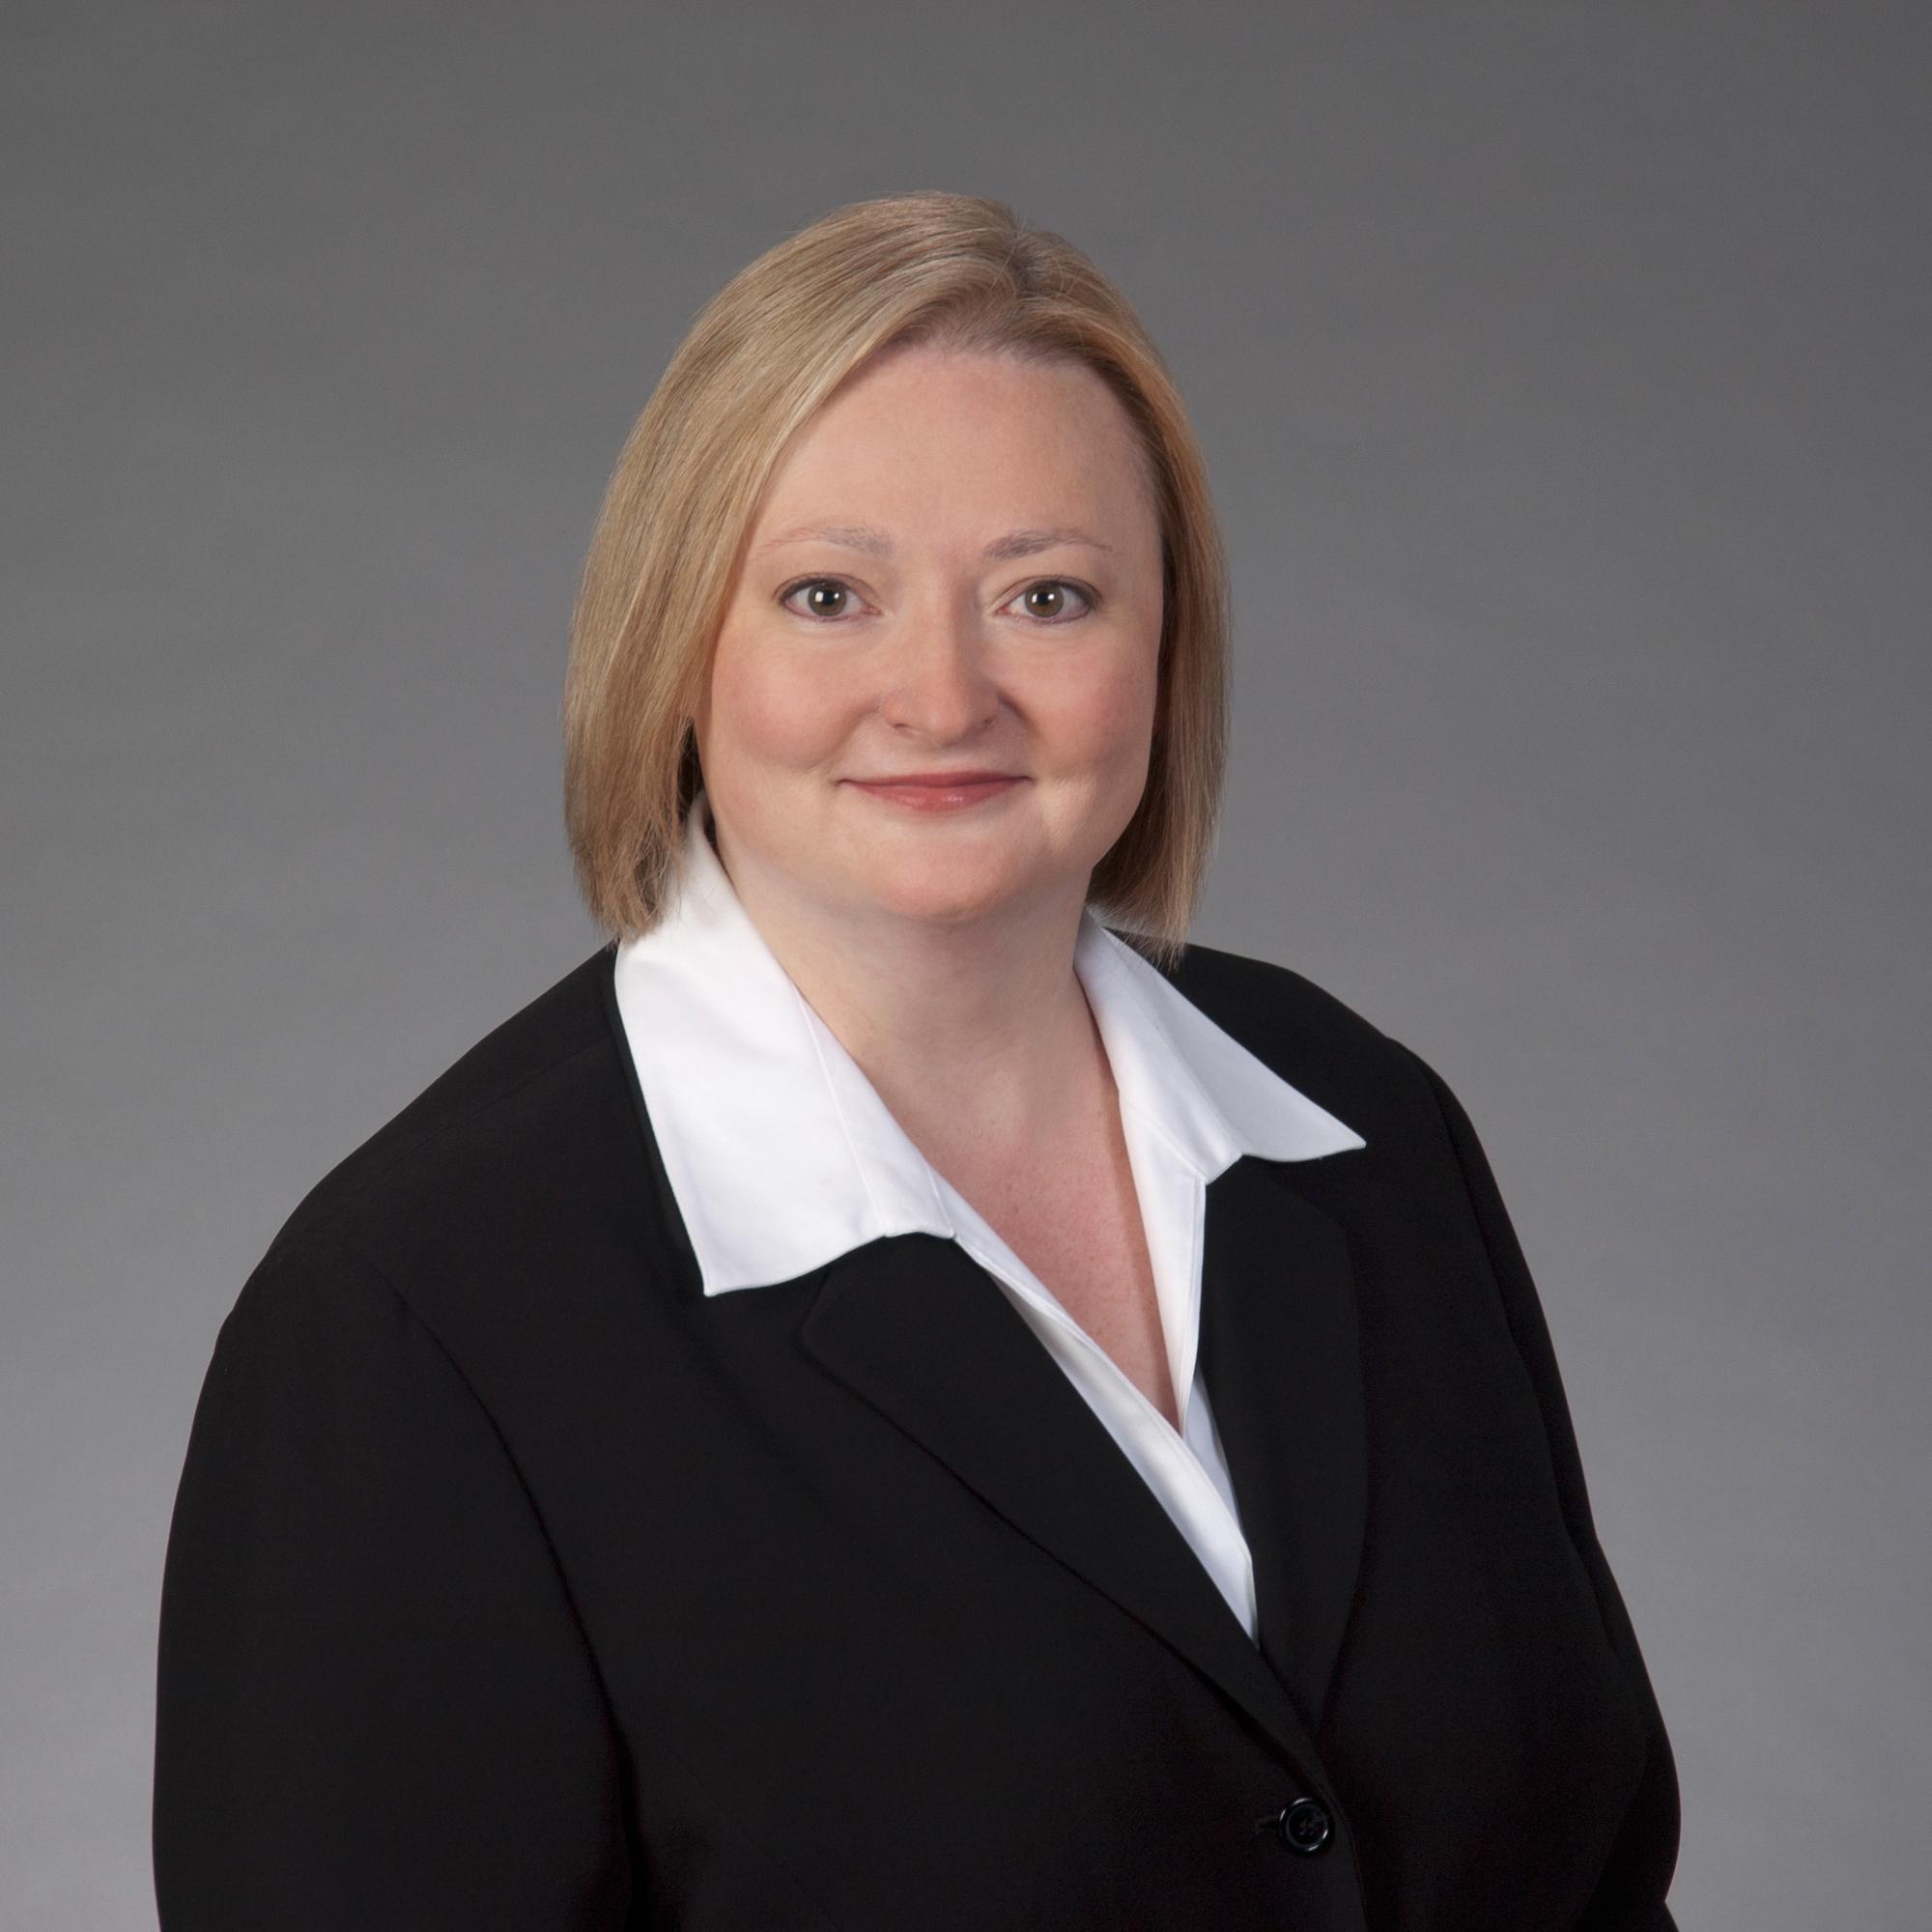 Lori Gelchion - VP Programs